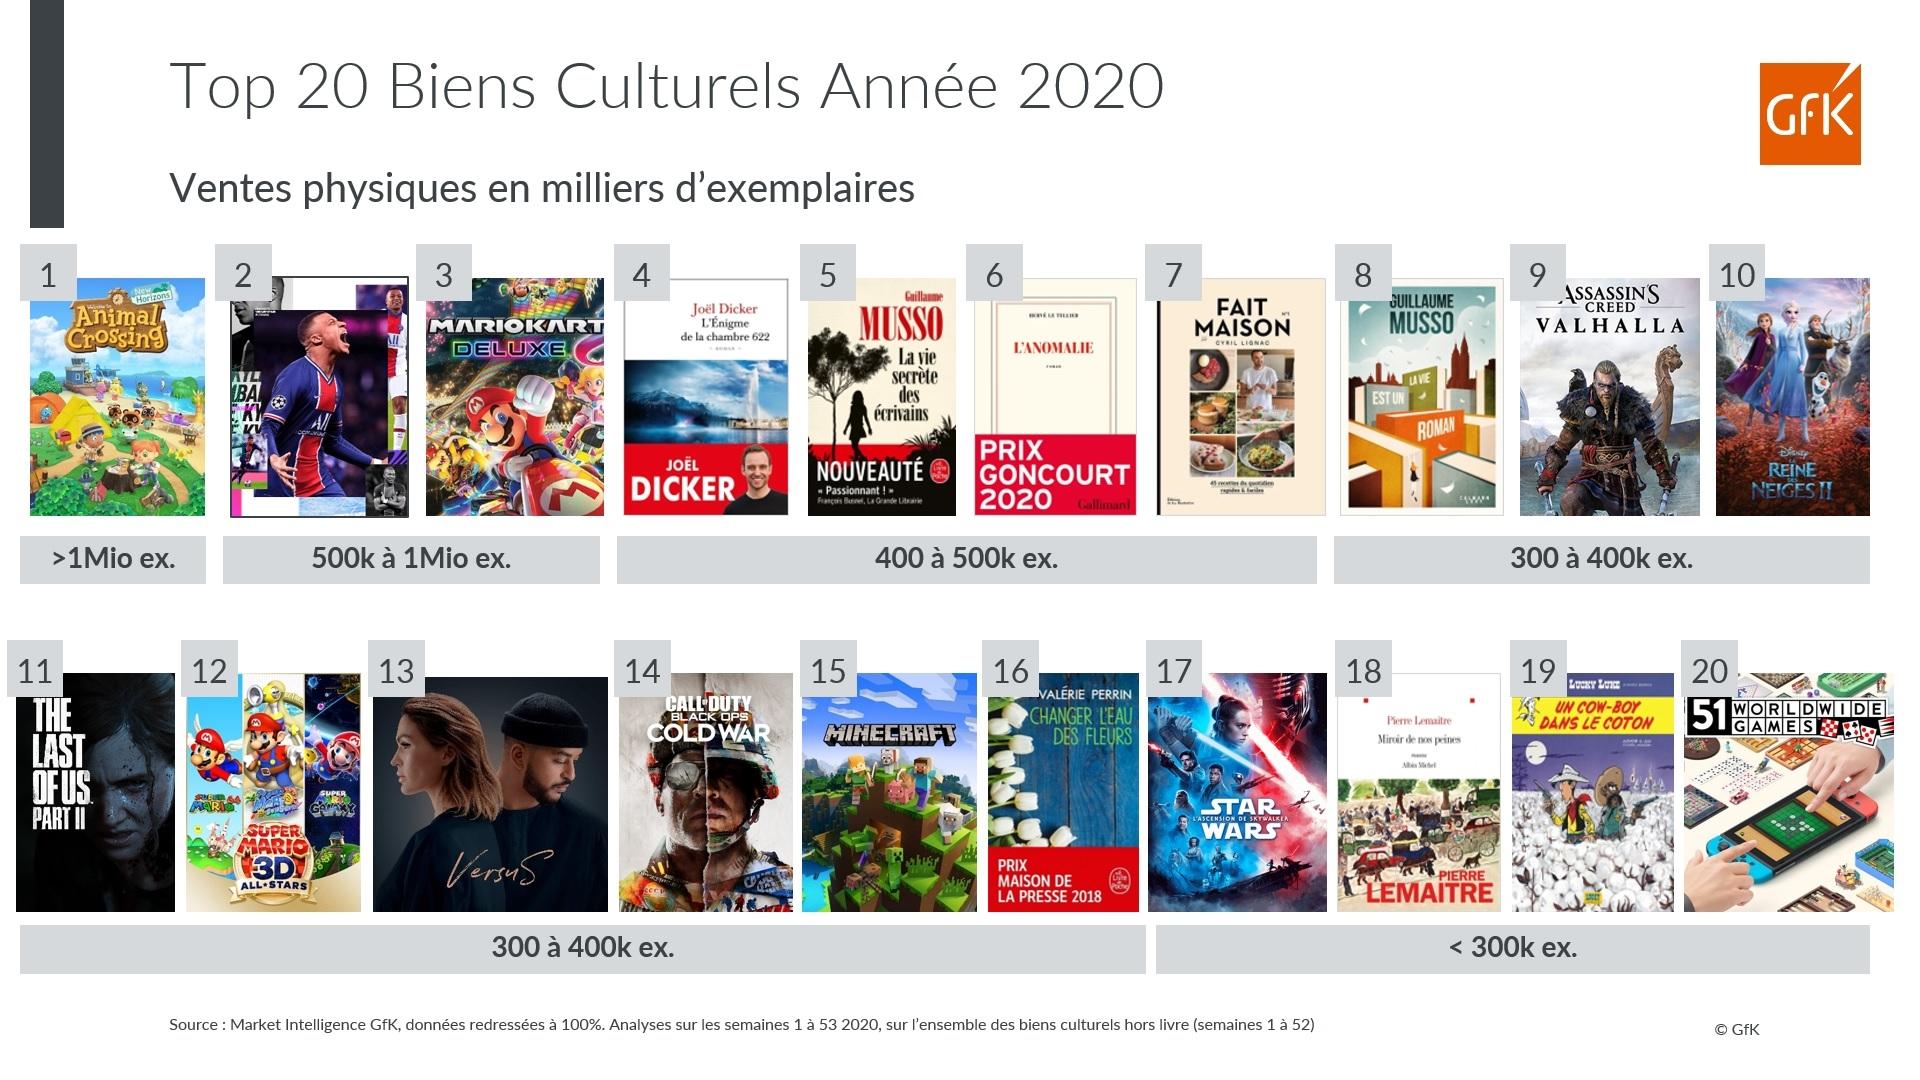 Top 20 des biens culturels de l'année 2020